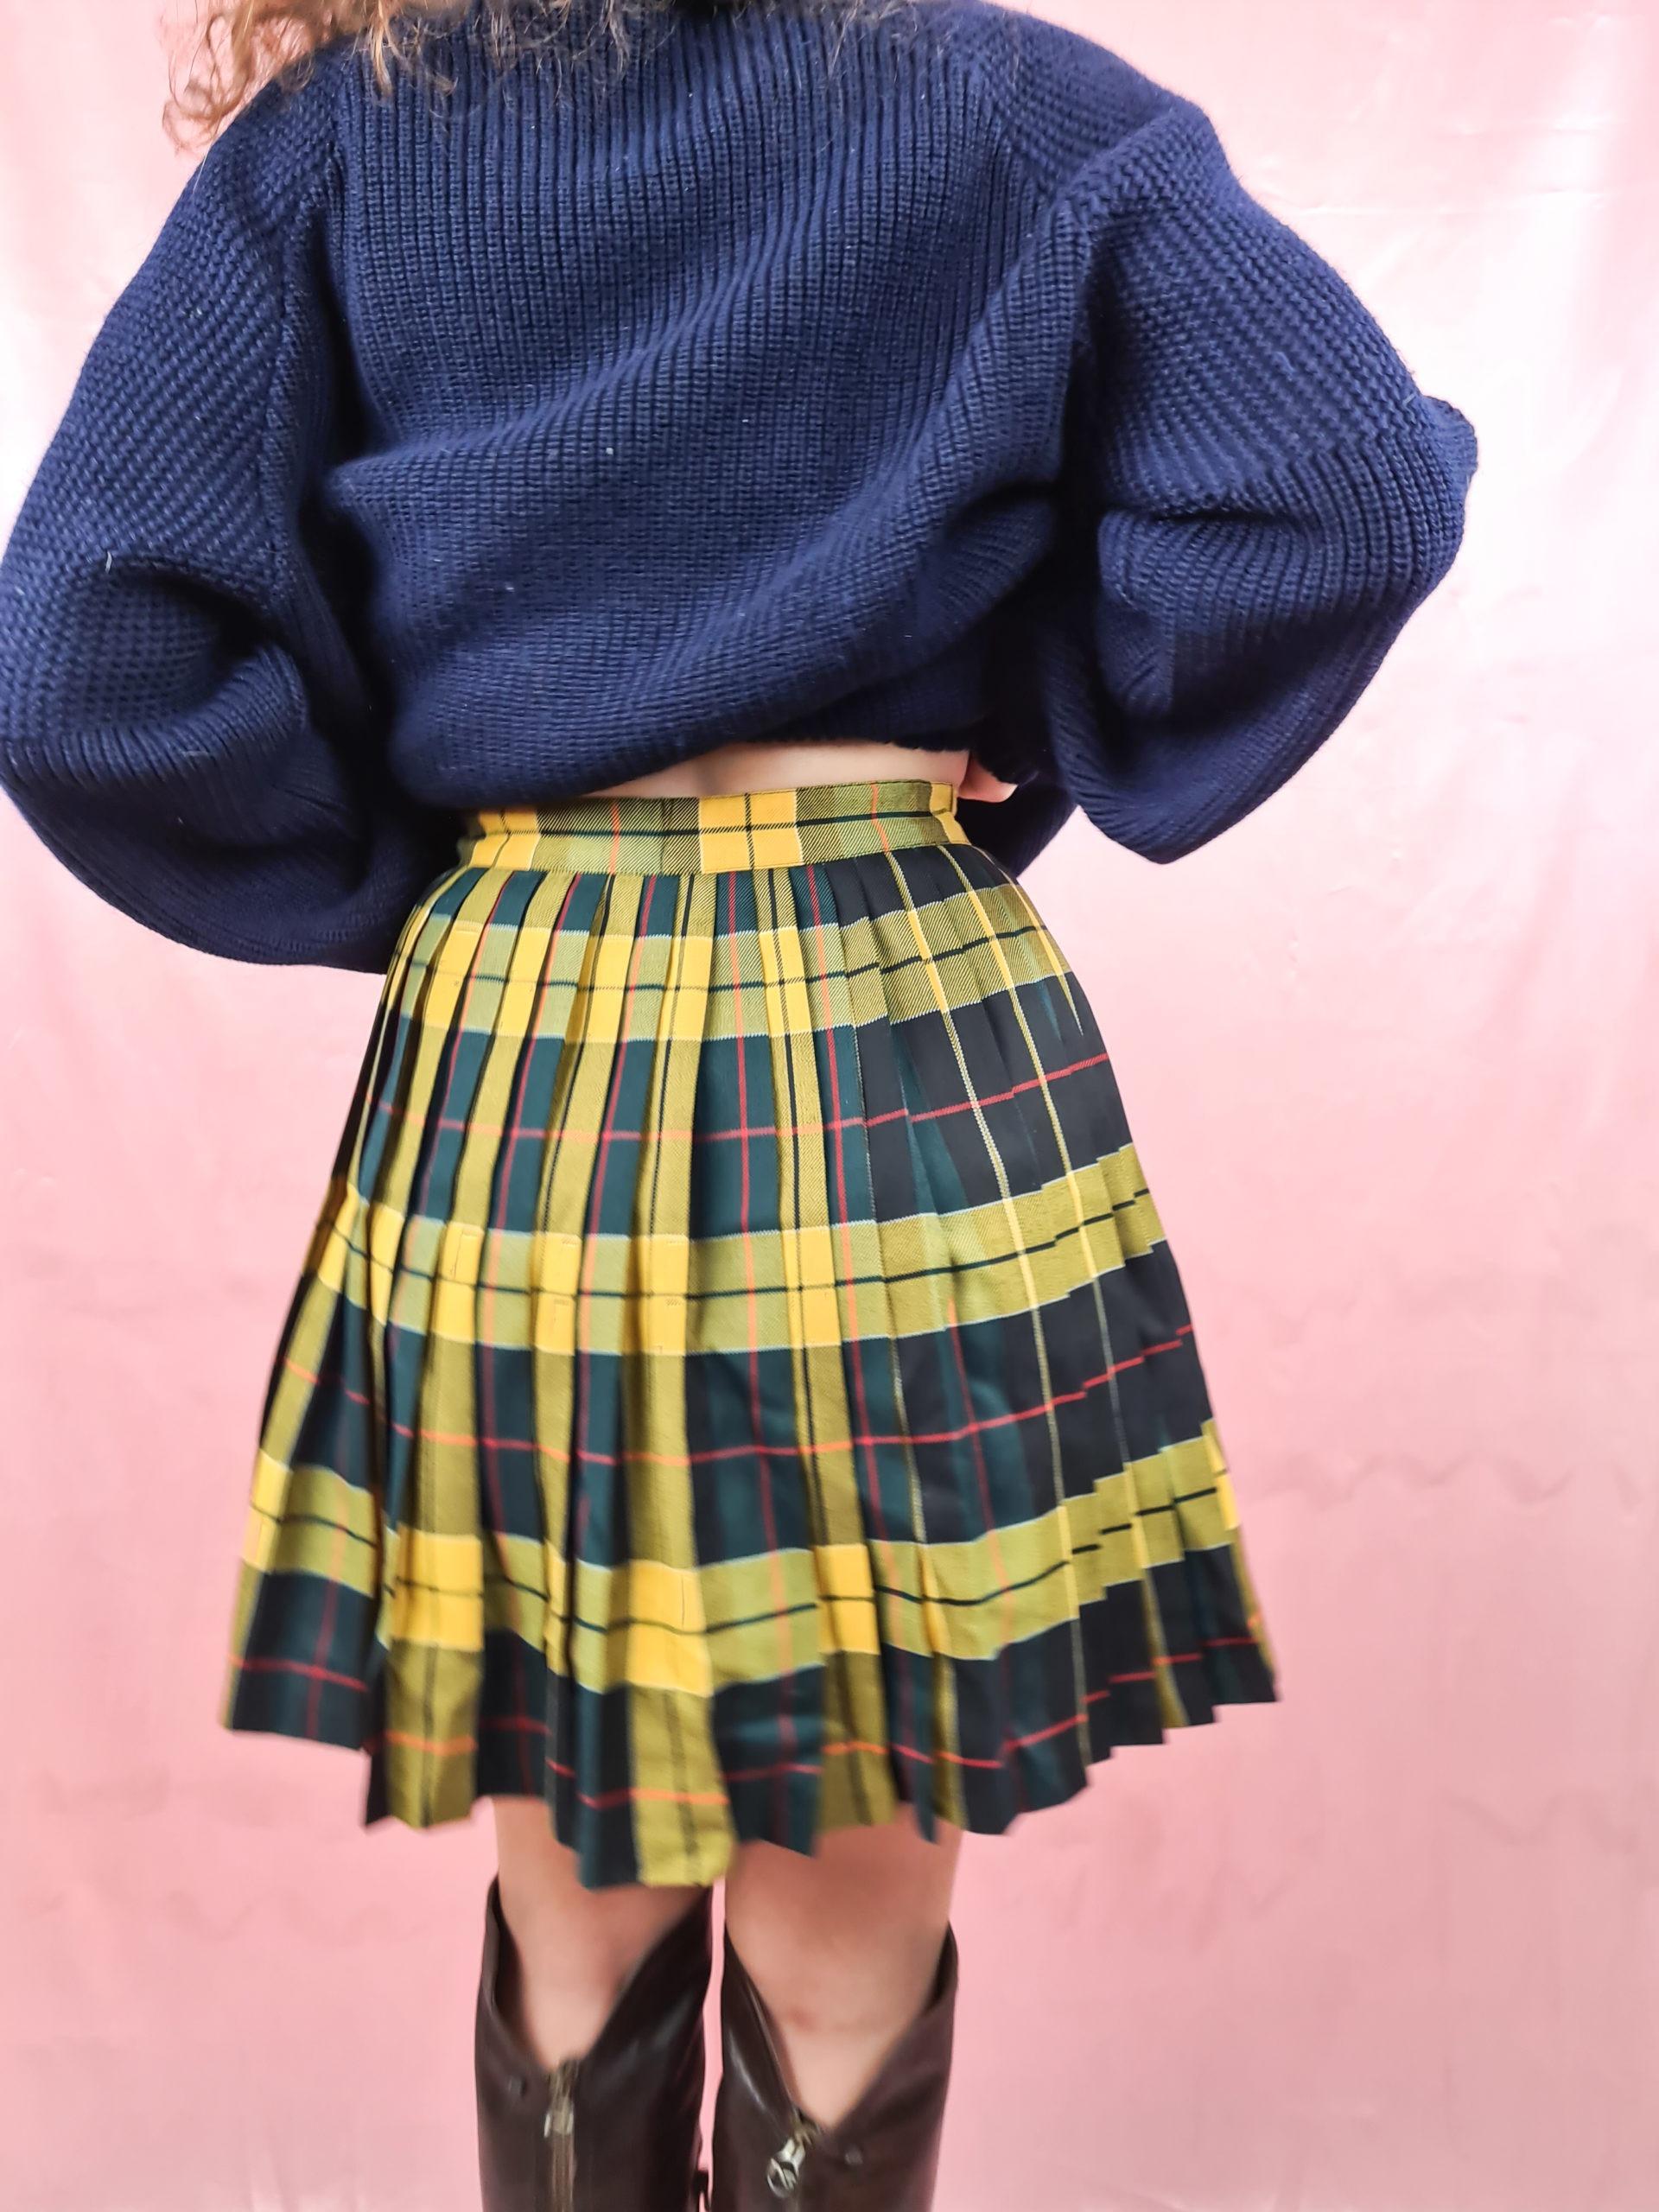 jupe plissée à carreaux jaune vert (4)